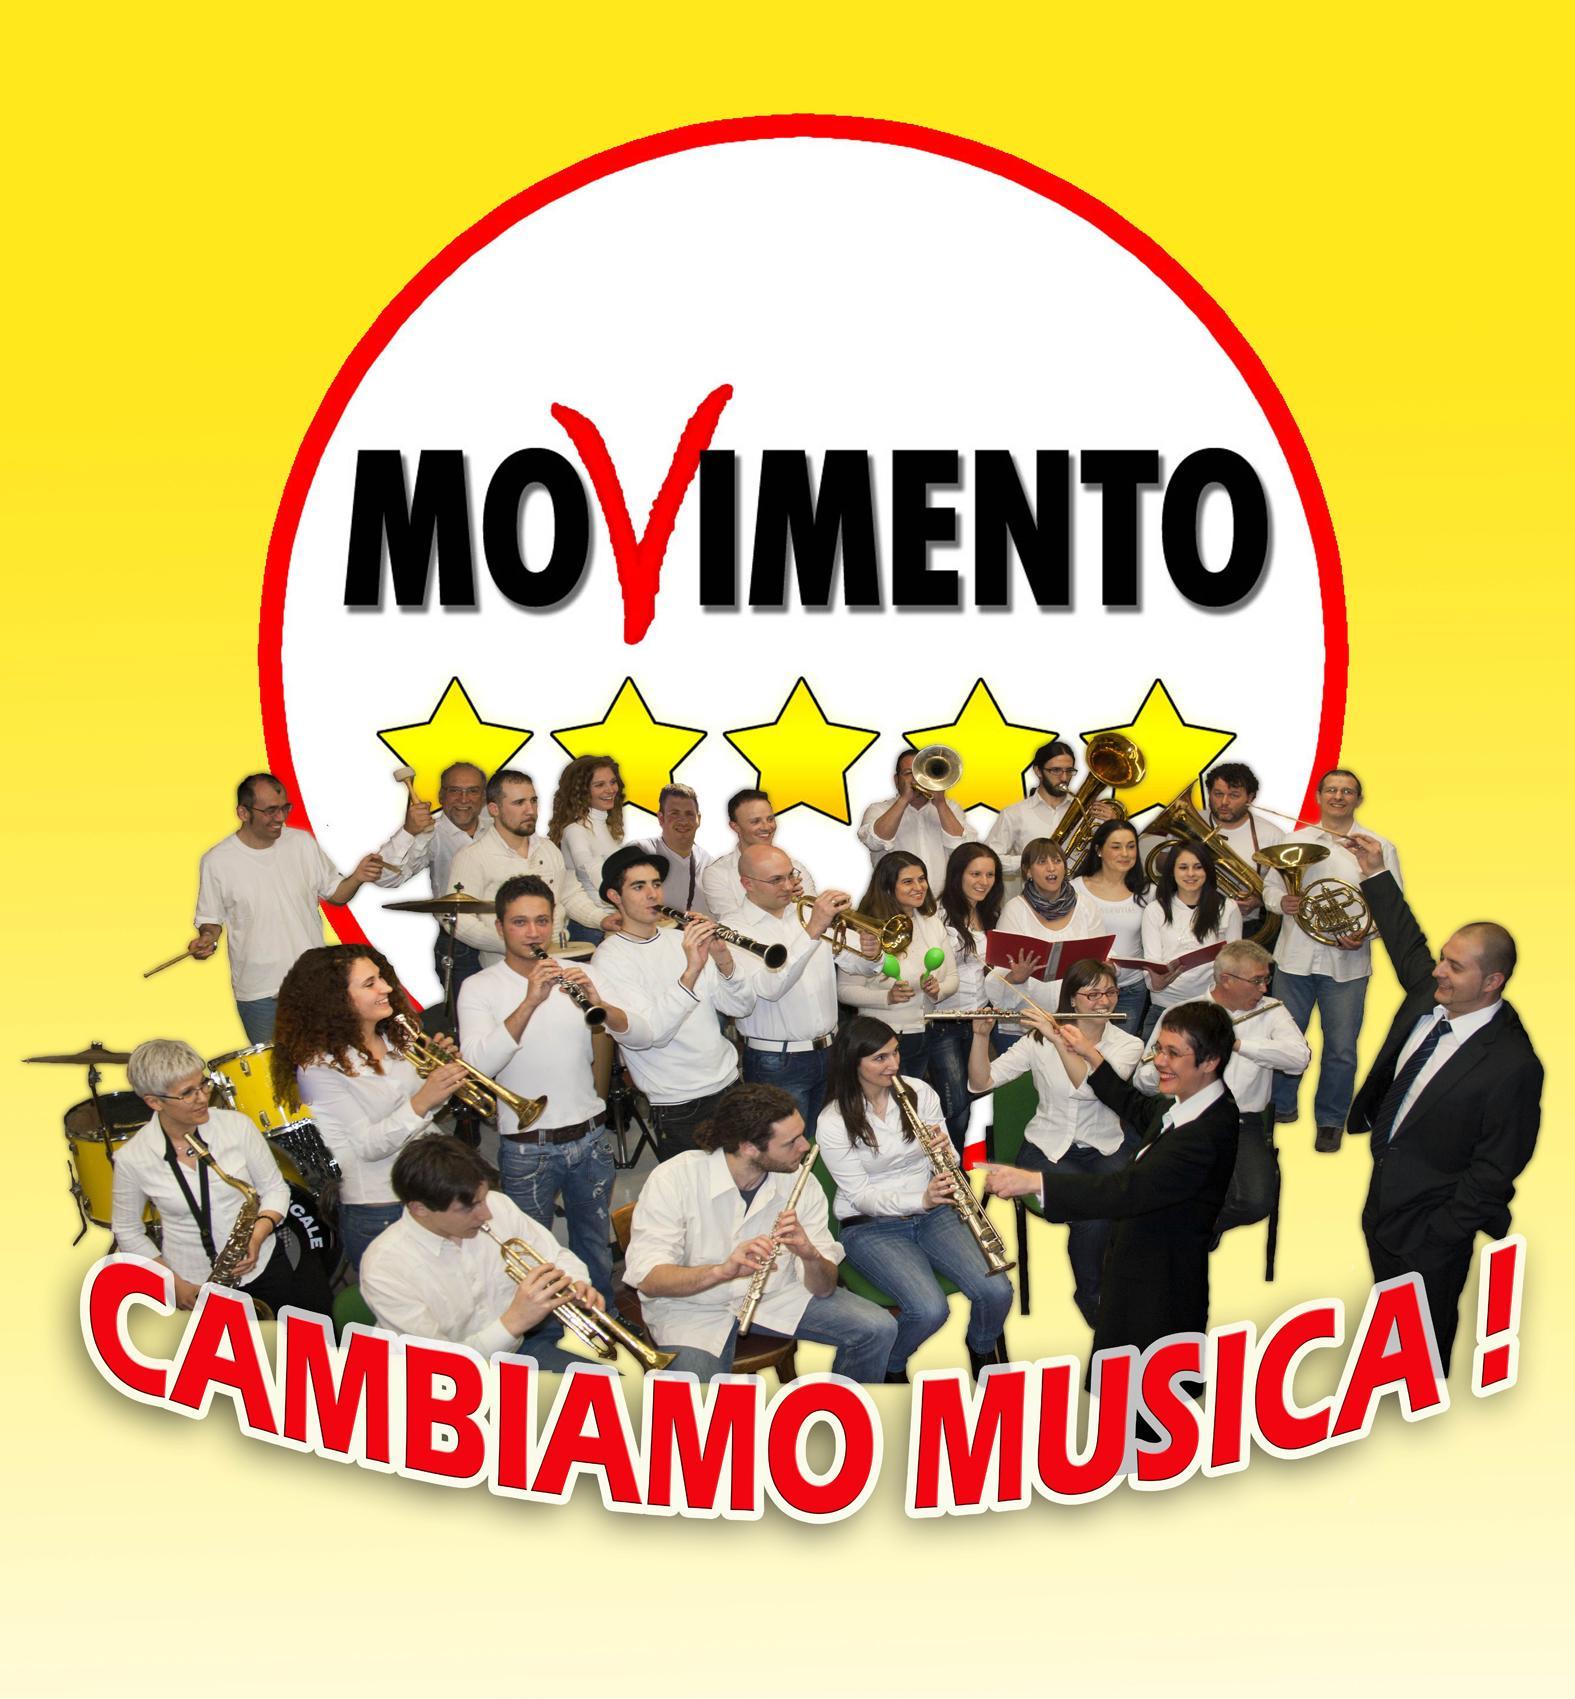 Le idee del movimento 5 stelle per la valdichiana chiusiblog for Deputati movimento 5 stelle